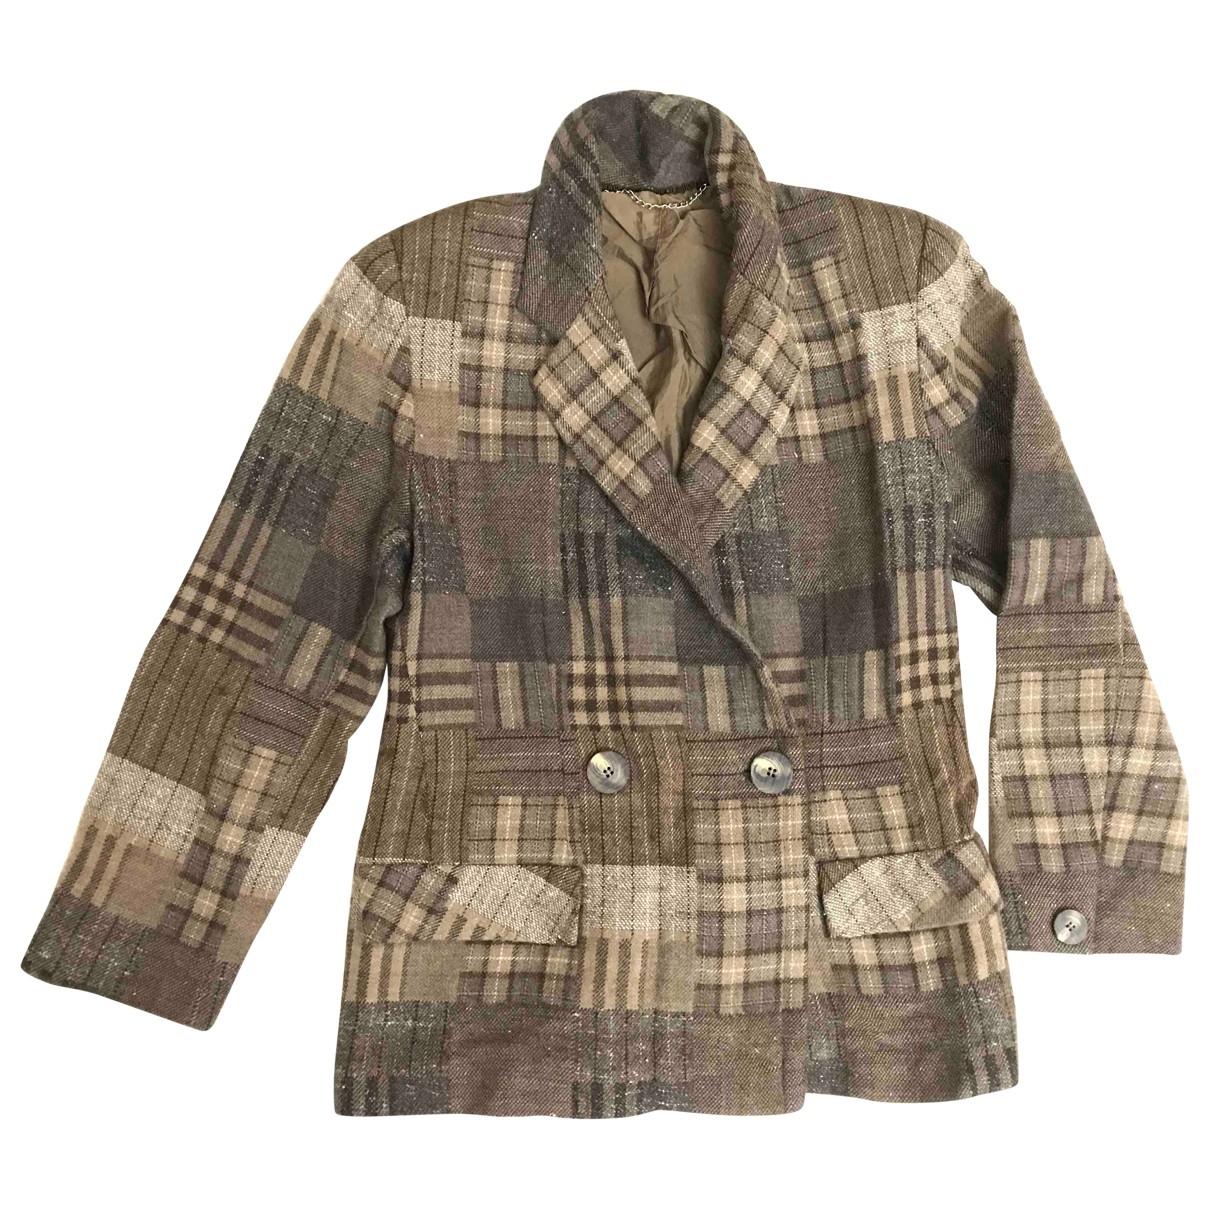 Pierre Cardin \N Jacke in  Khaki Wolle